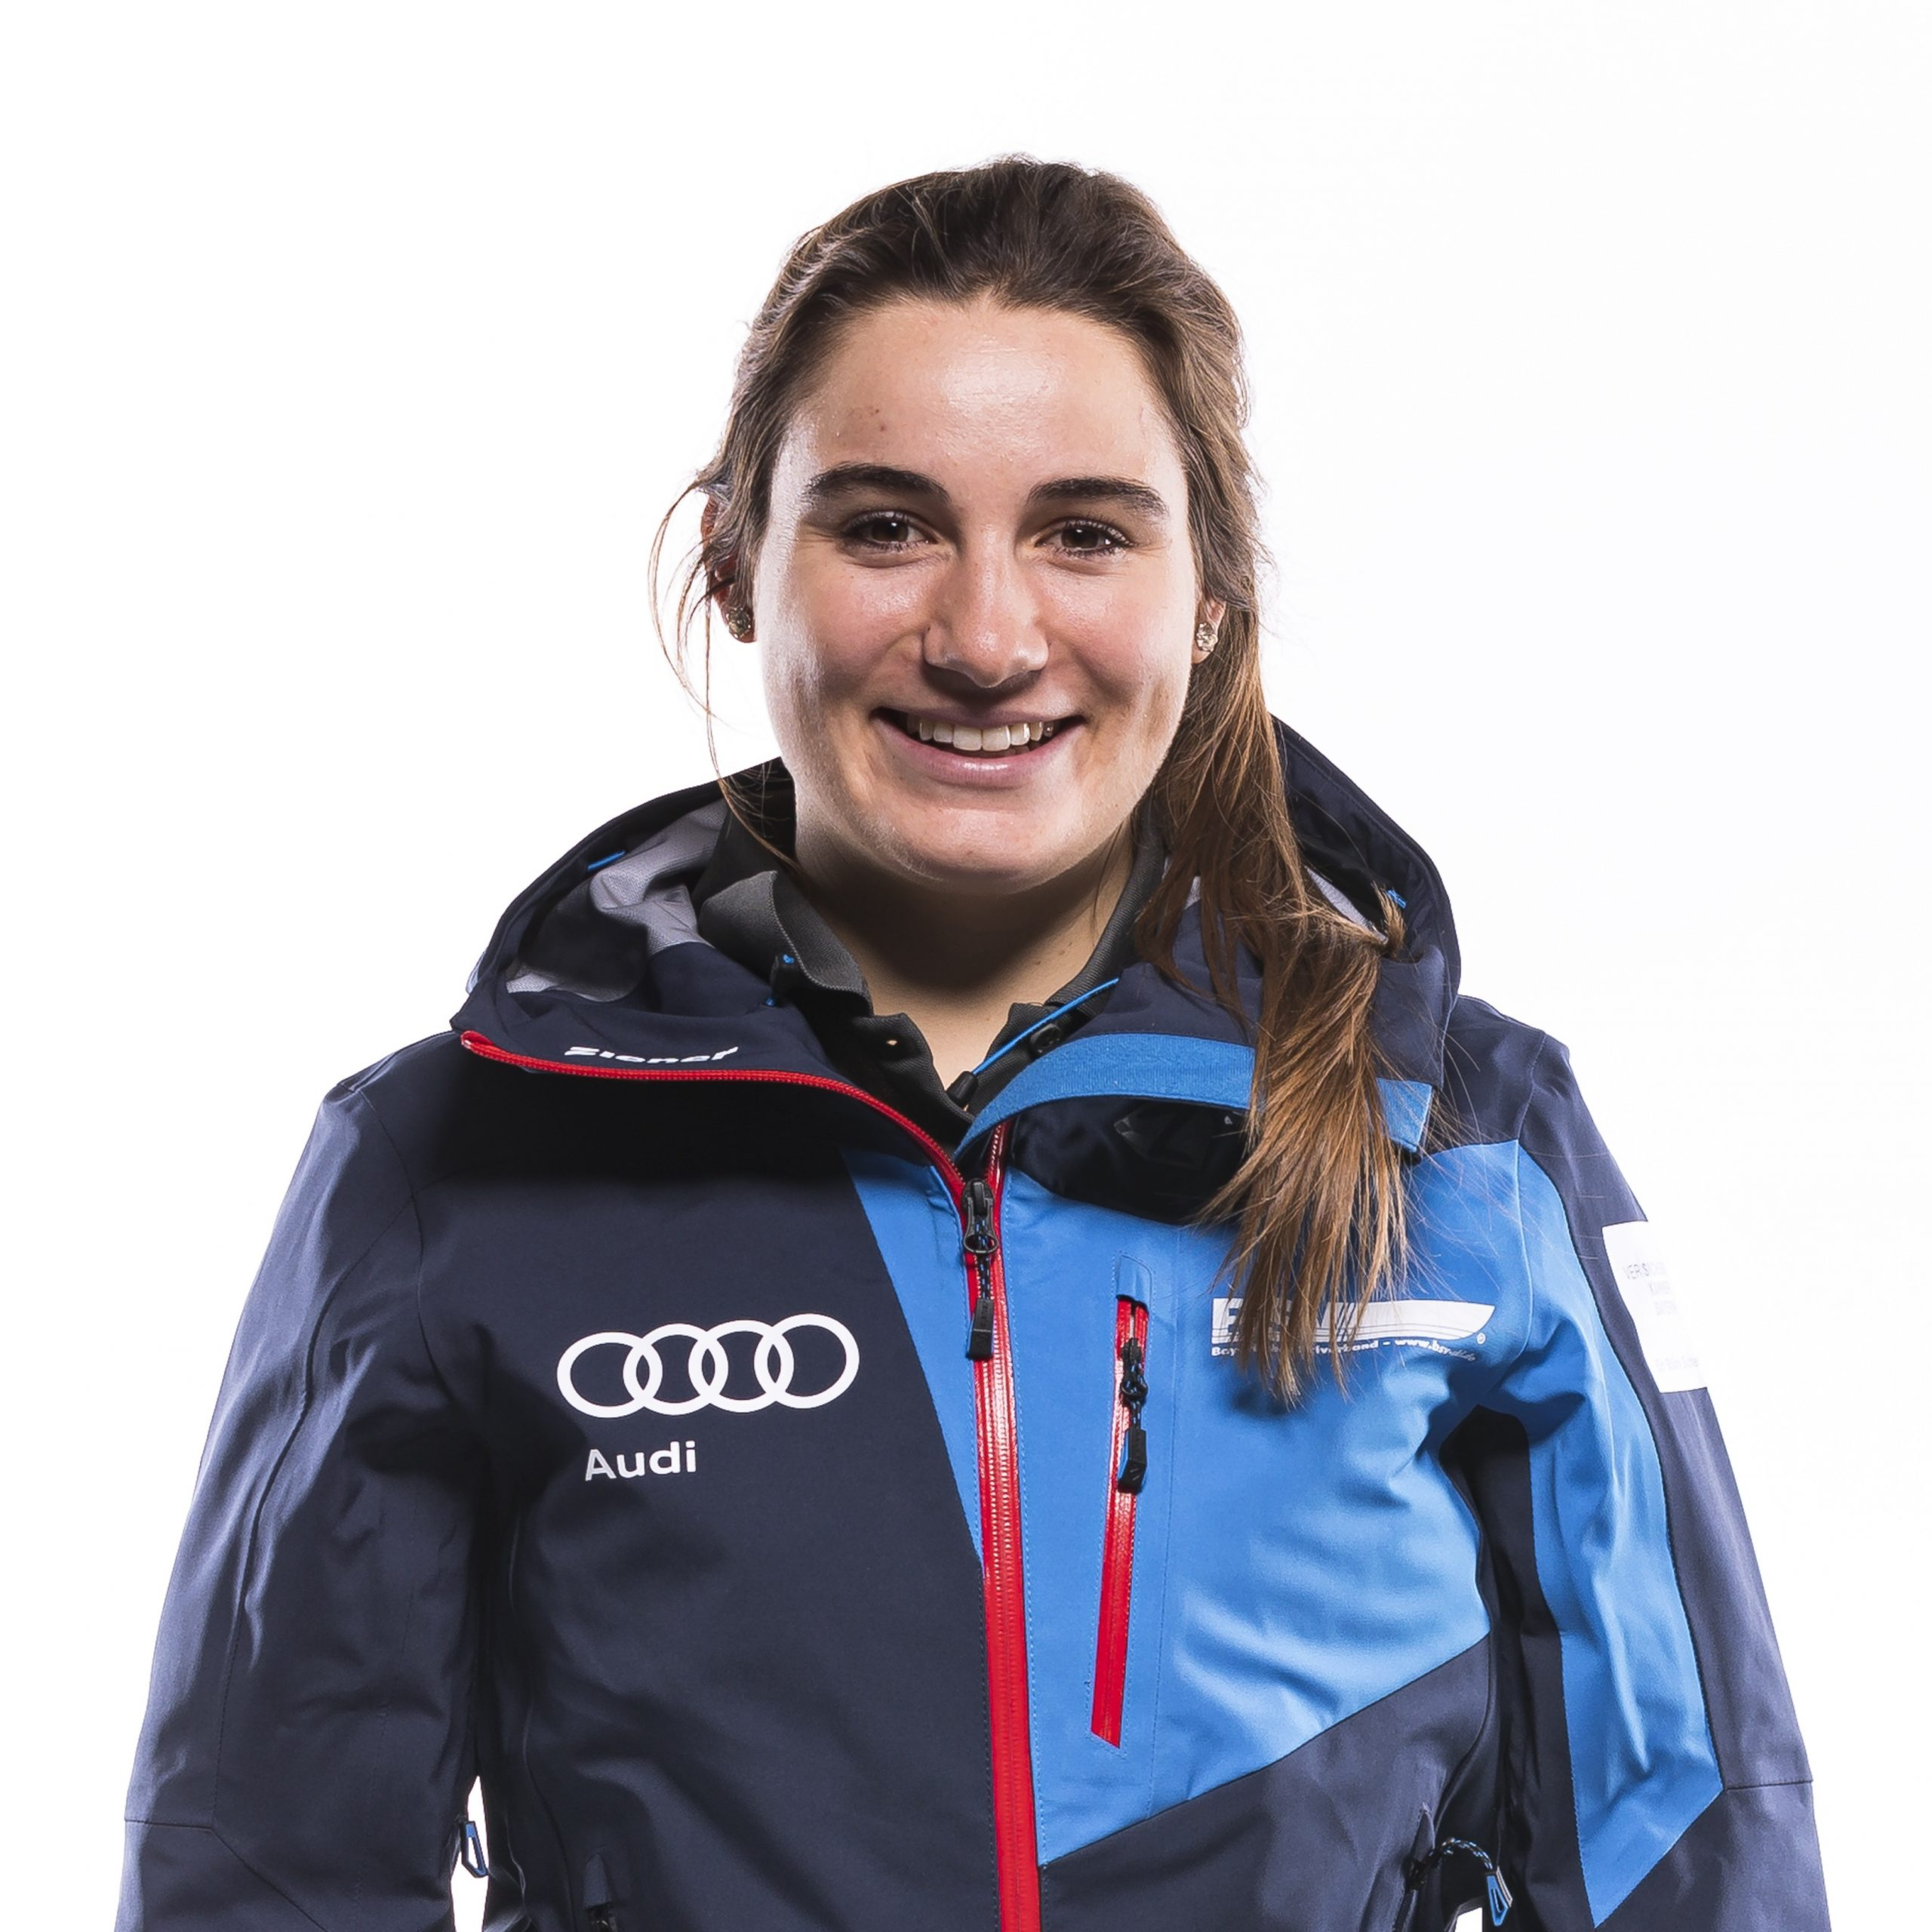 Franziska Welzmüller